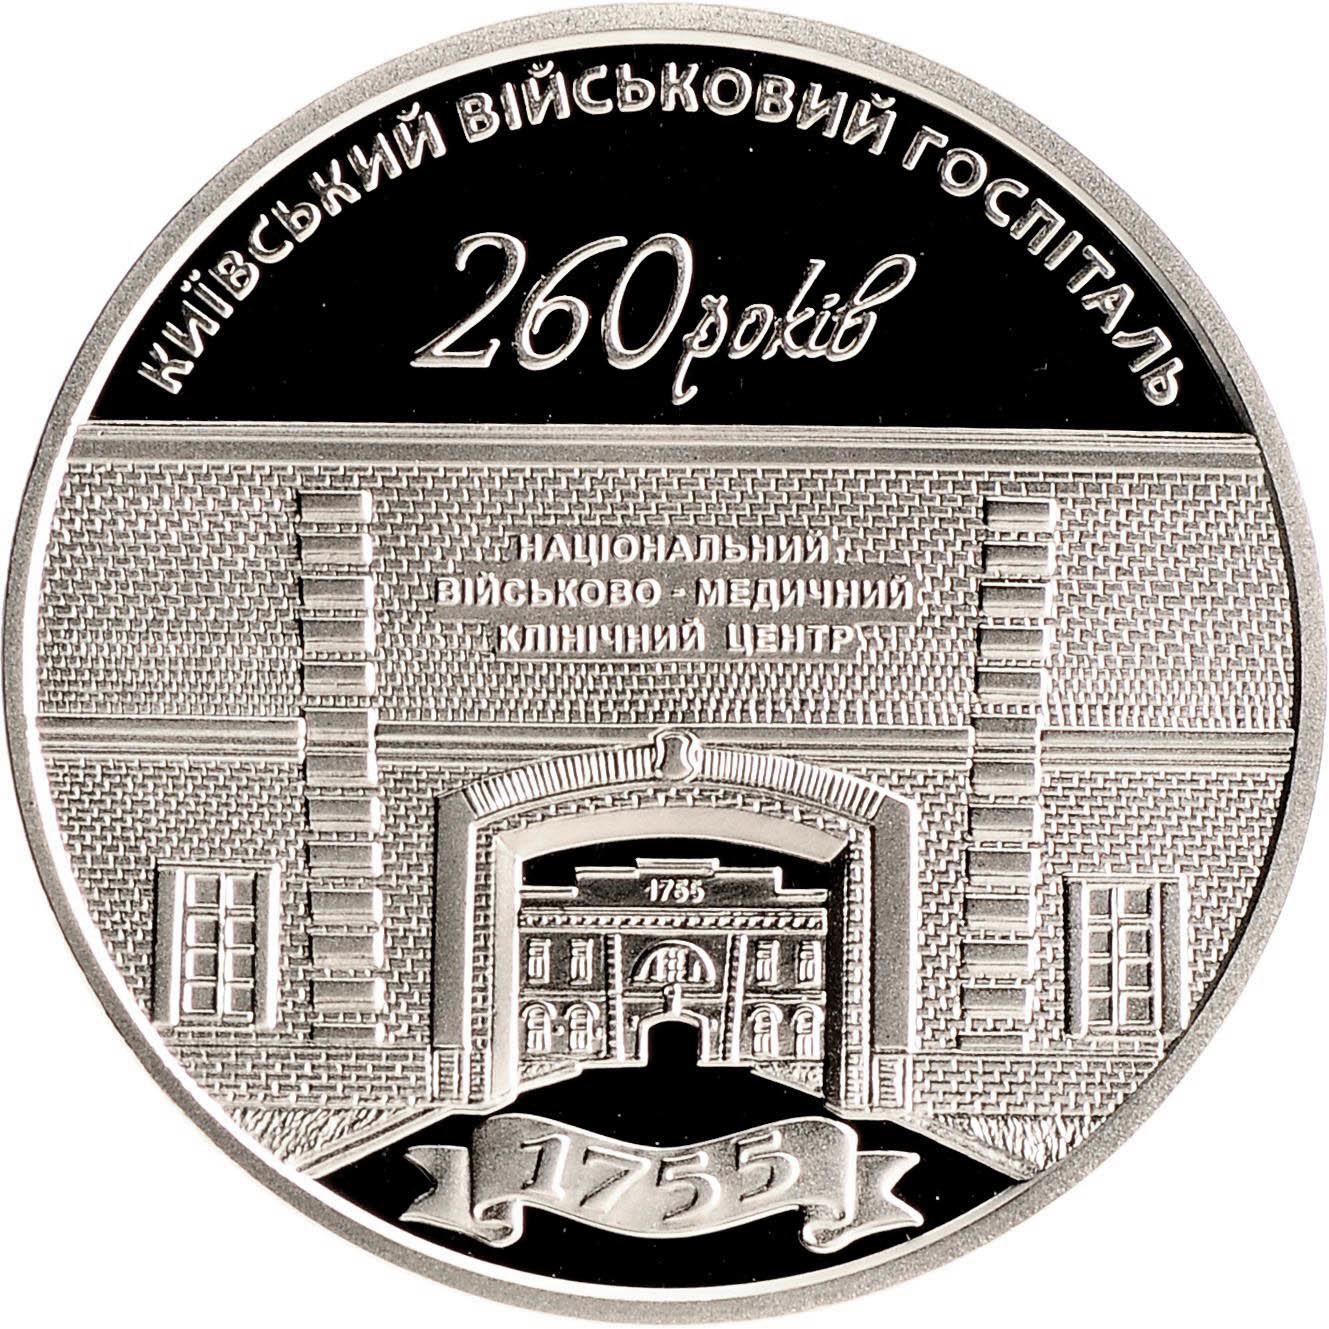 5 гривен 2015 260 лет Киевскому военному госпиталю